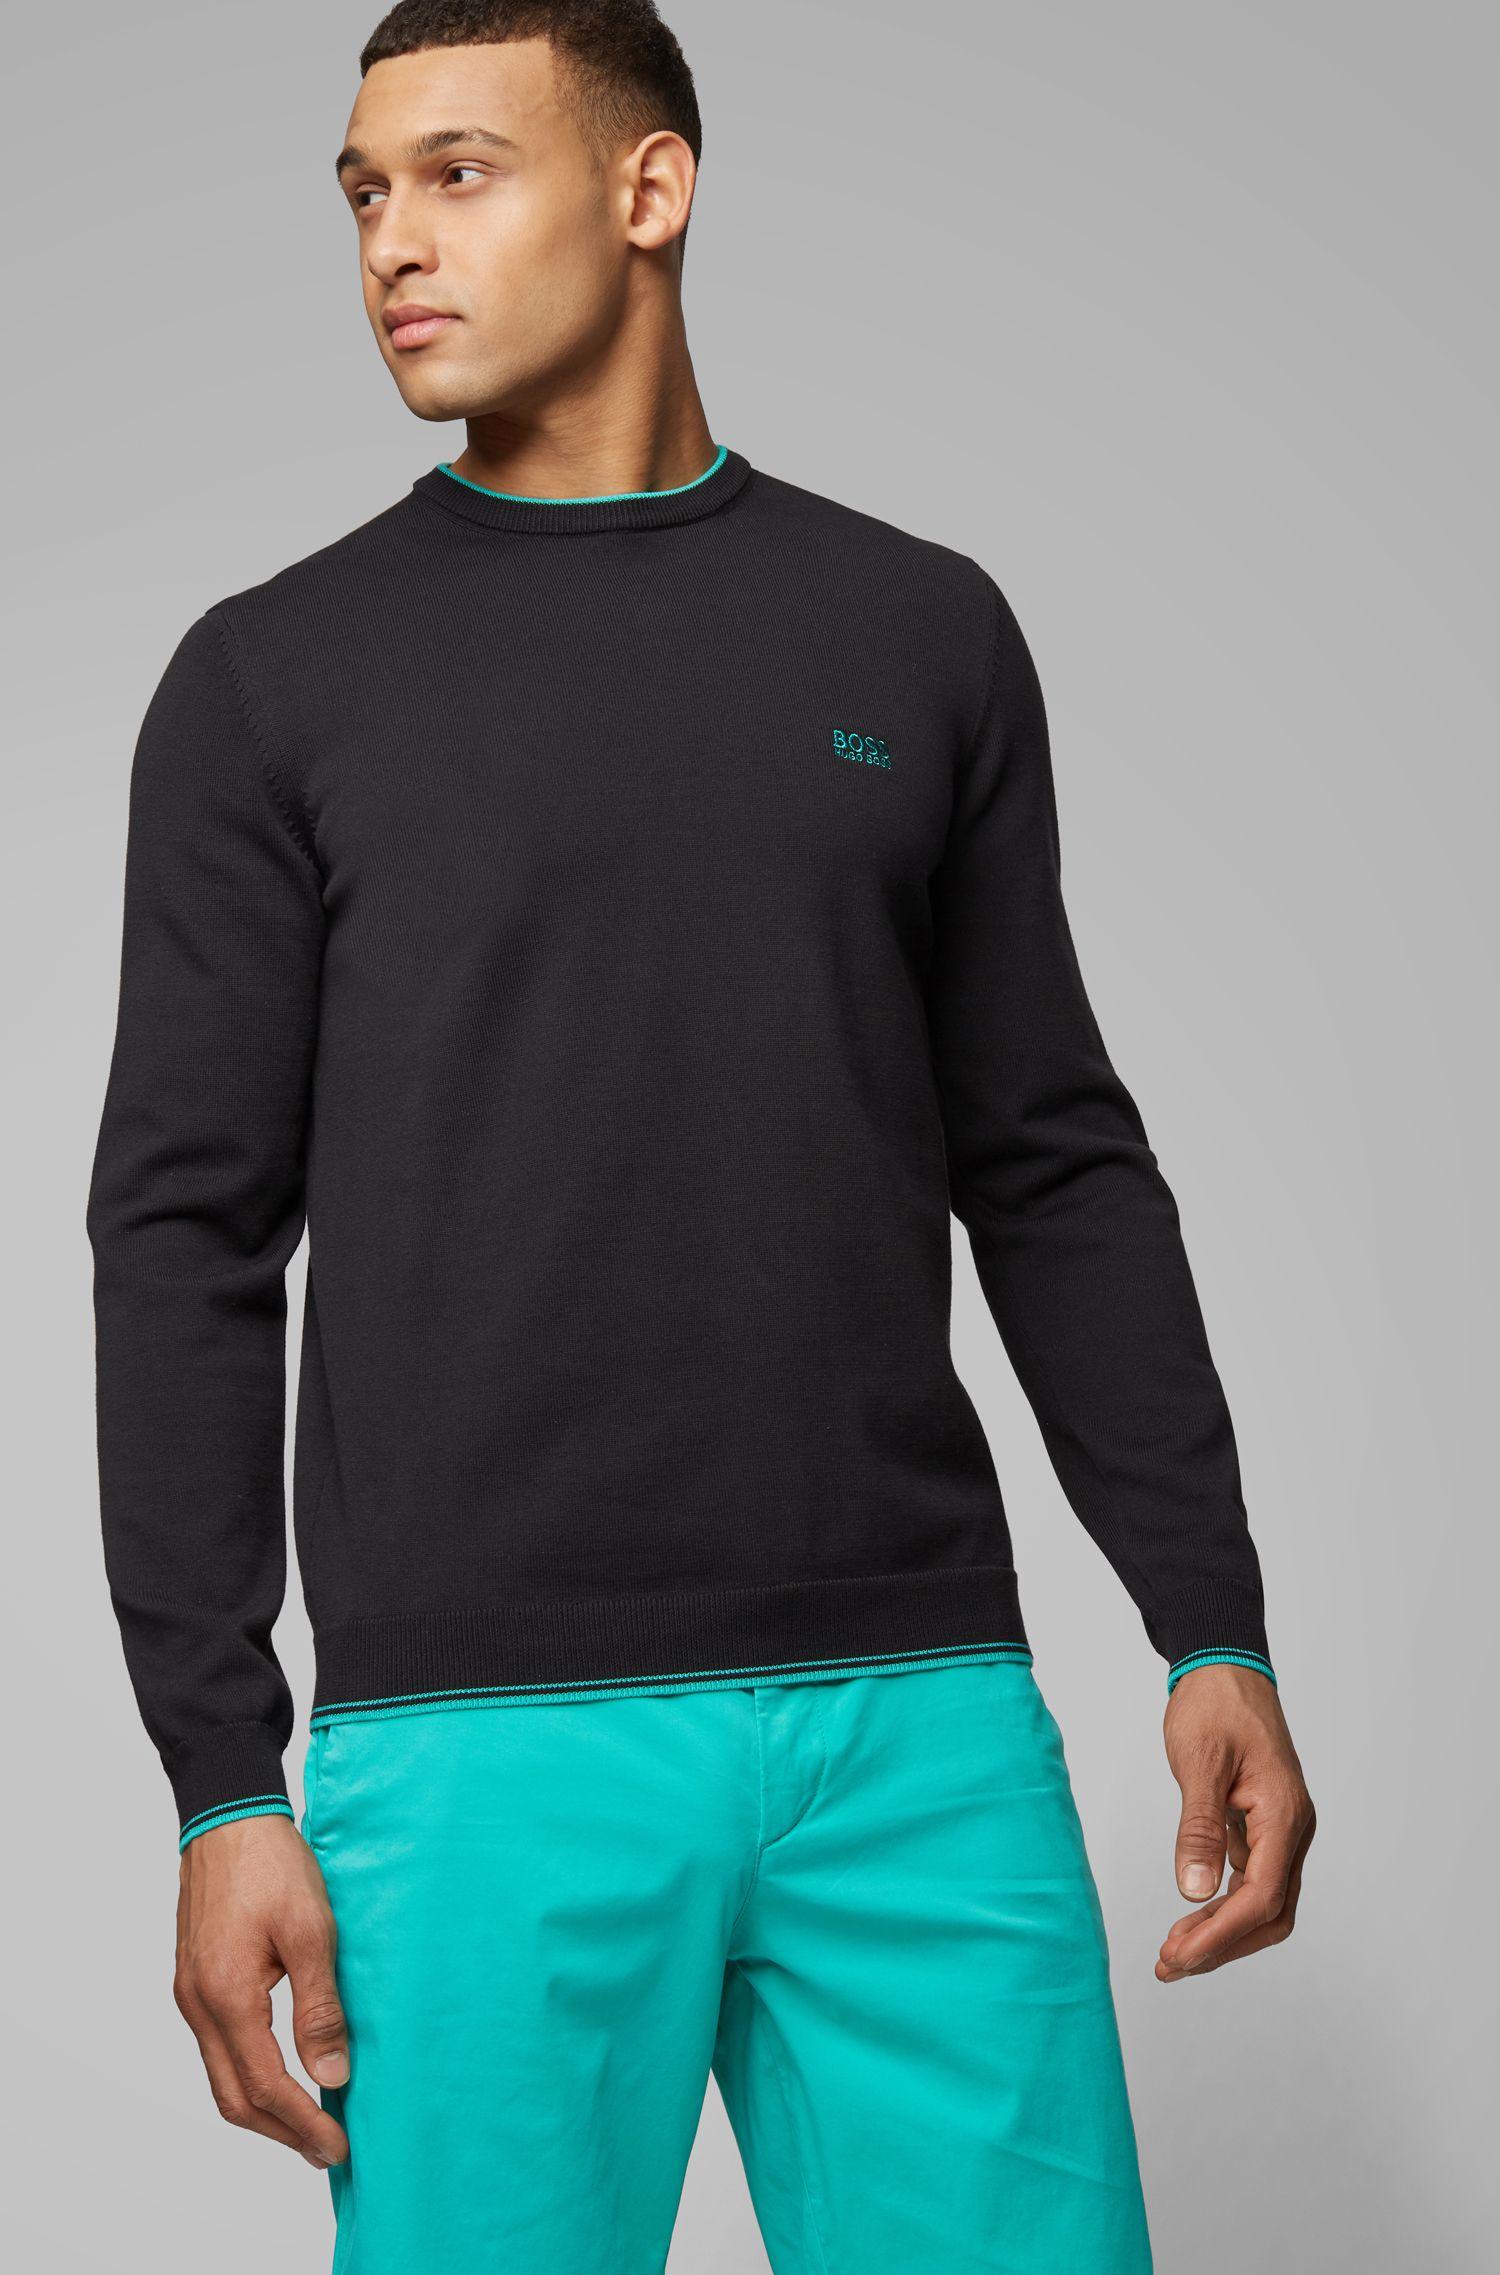 Pullover aus Baumwoll-Mix mit Rundhalsausschnitt und Kontrast-Details, Schwarz